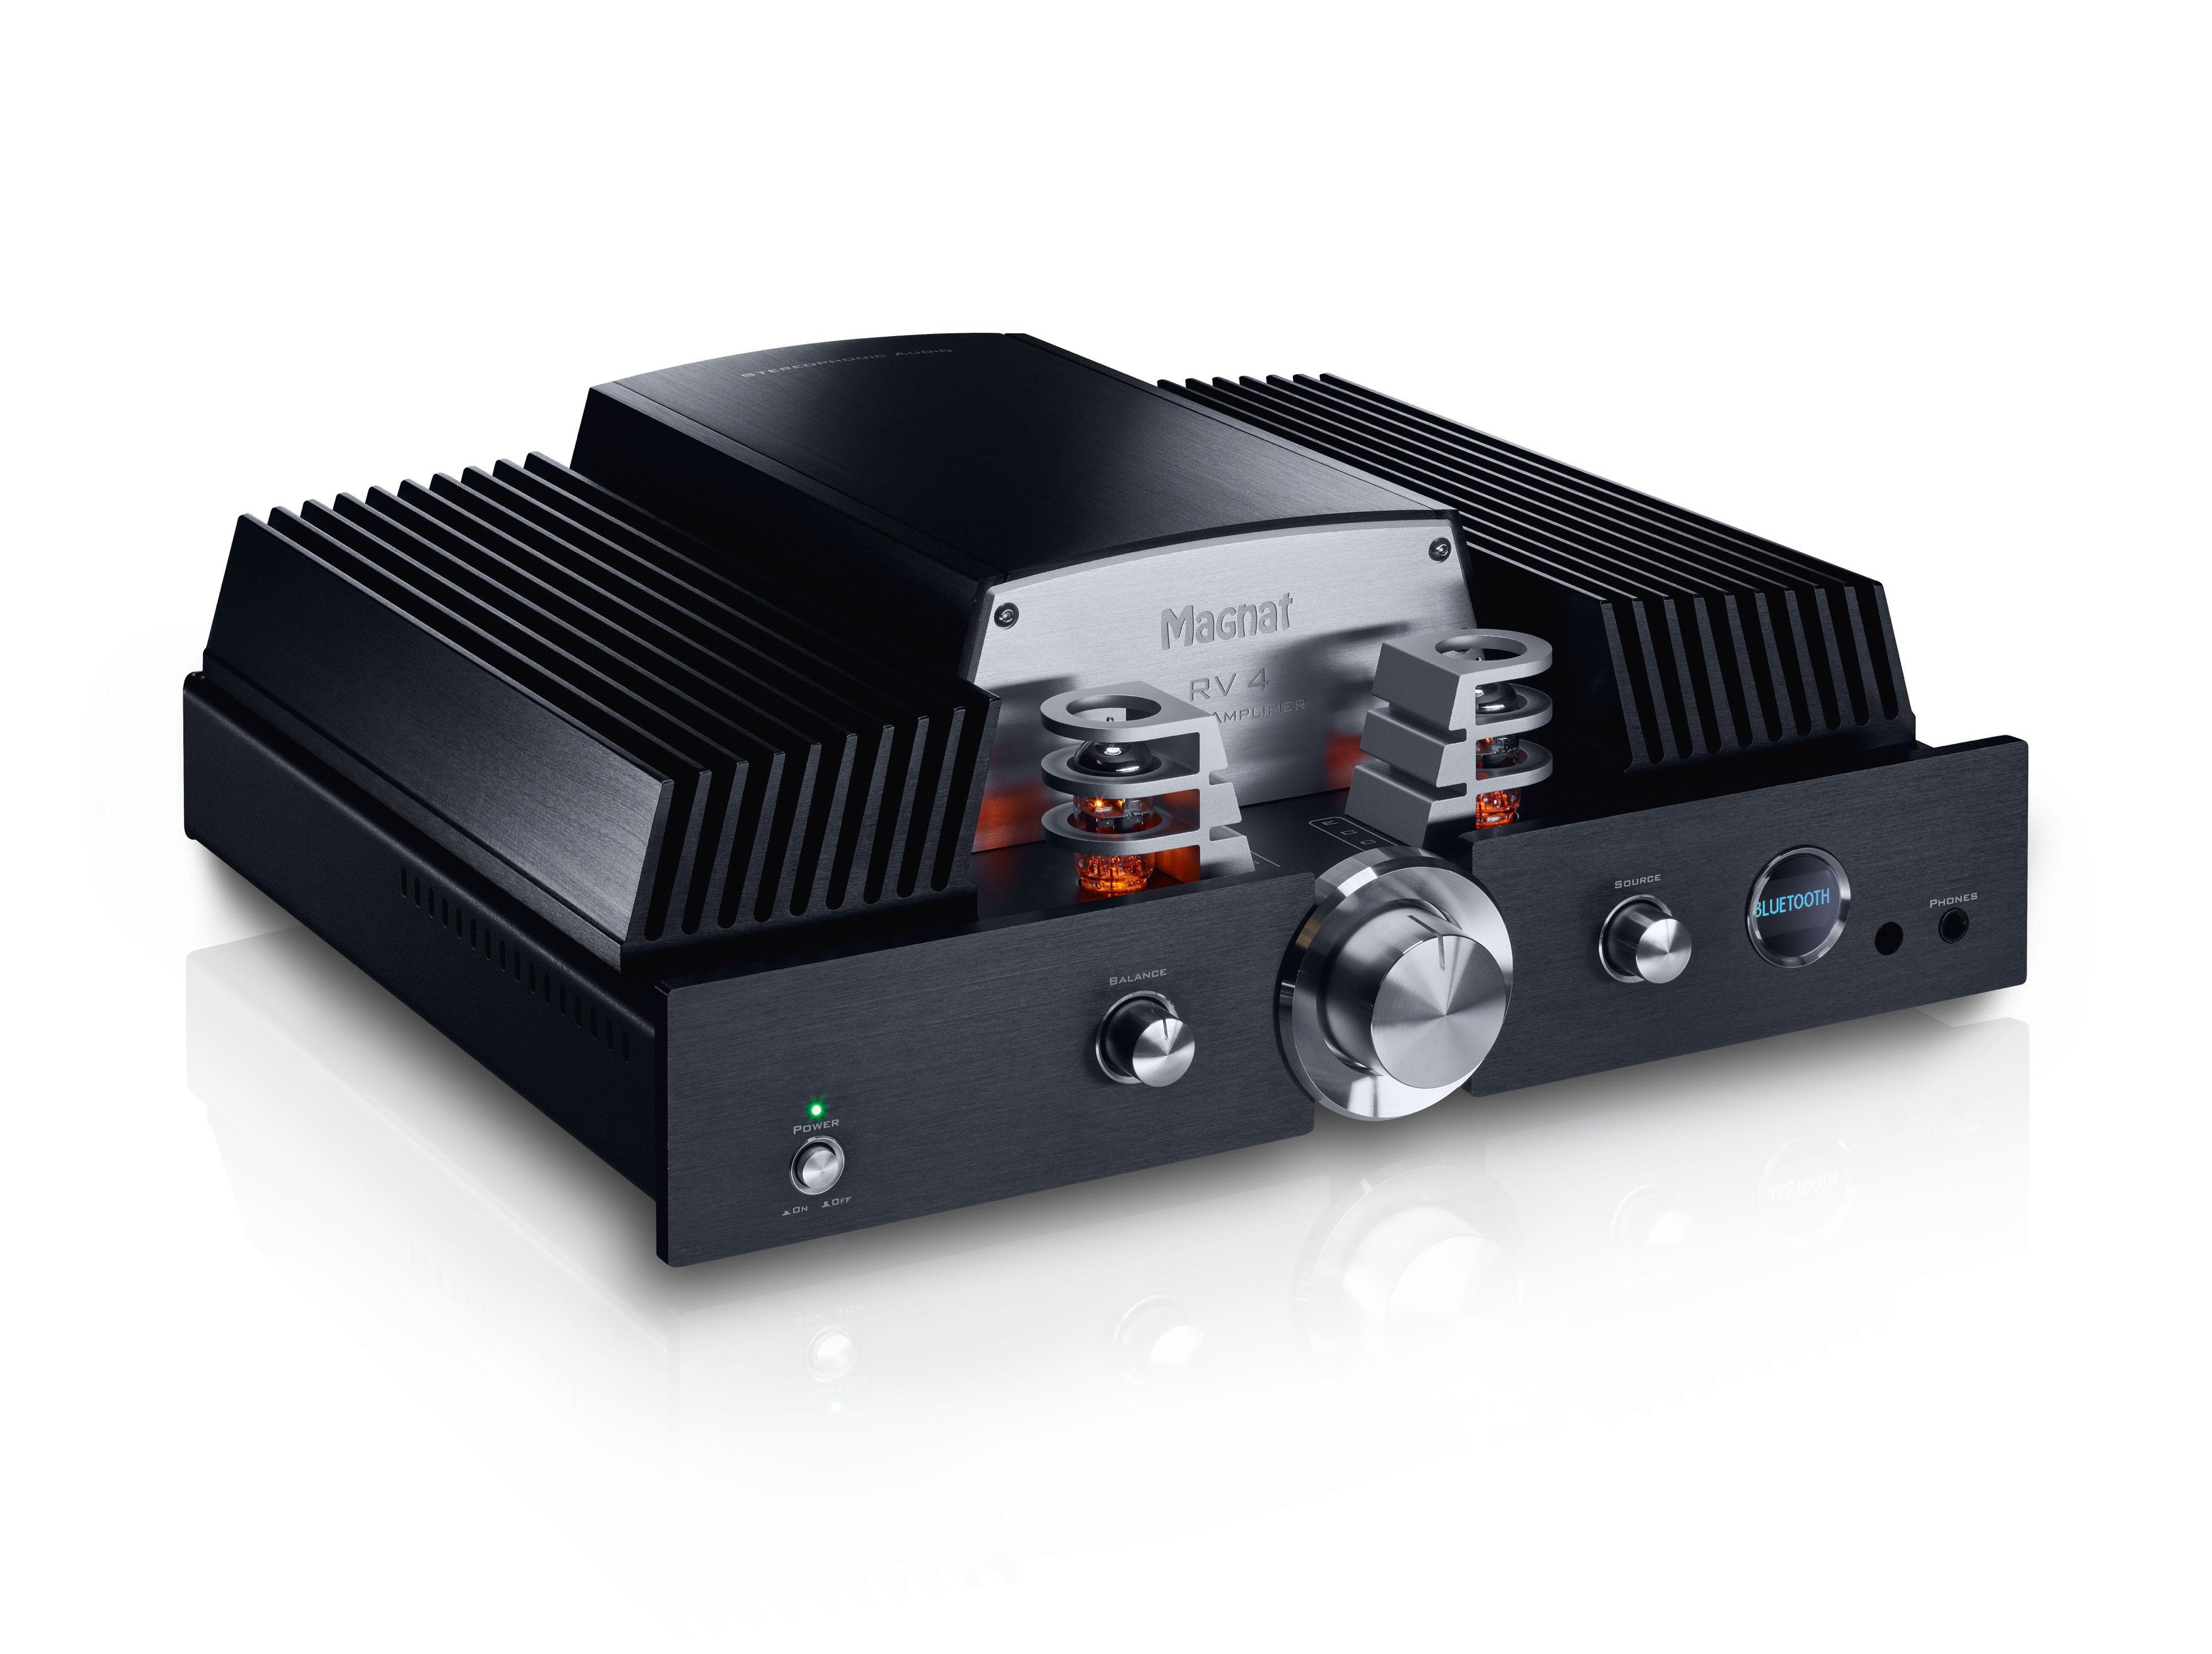 Magnat RV 4 Röhren-Hybrid-Verstärker - audisseus